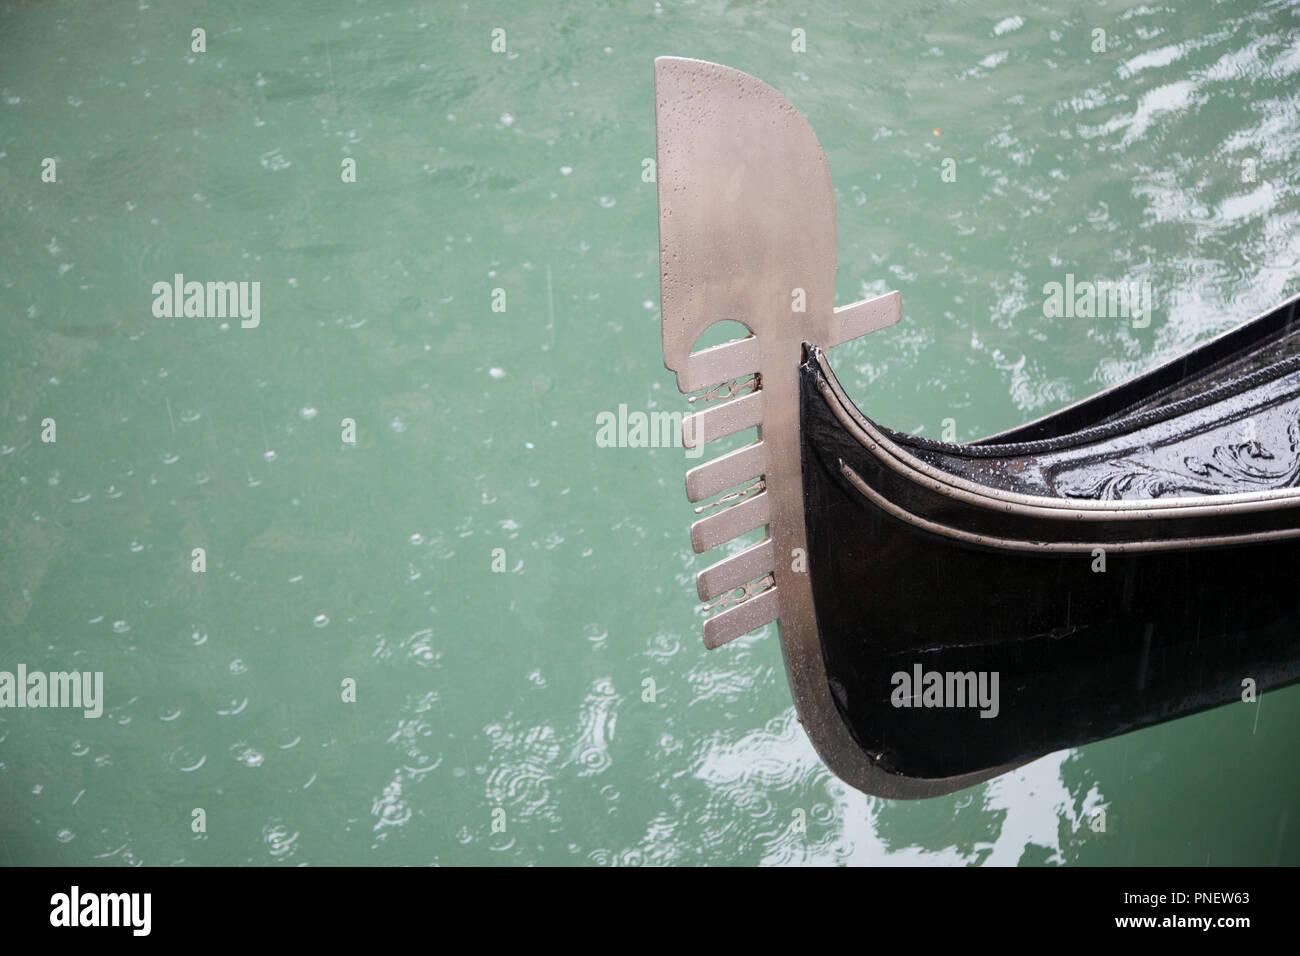 Ferro Di Gondola.Fero Da Prora Stock Photos Fero Da Prora Stock Images Alamy